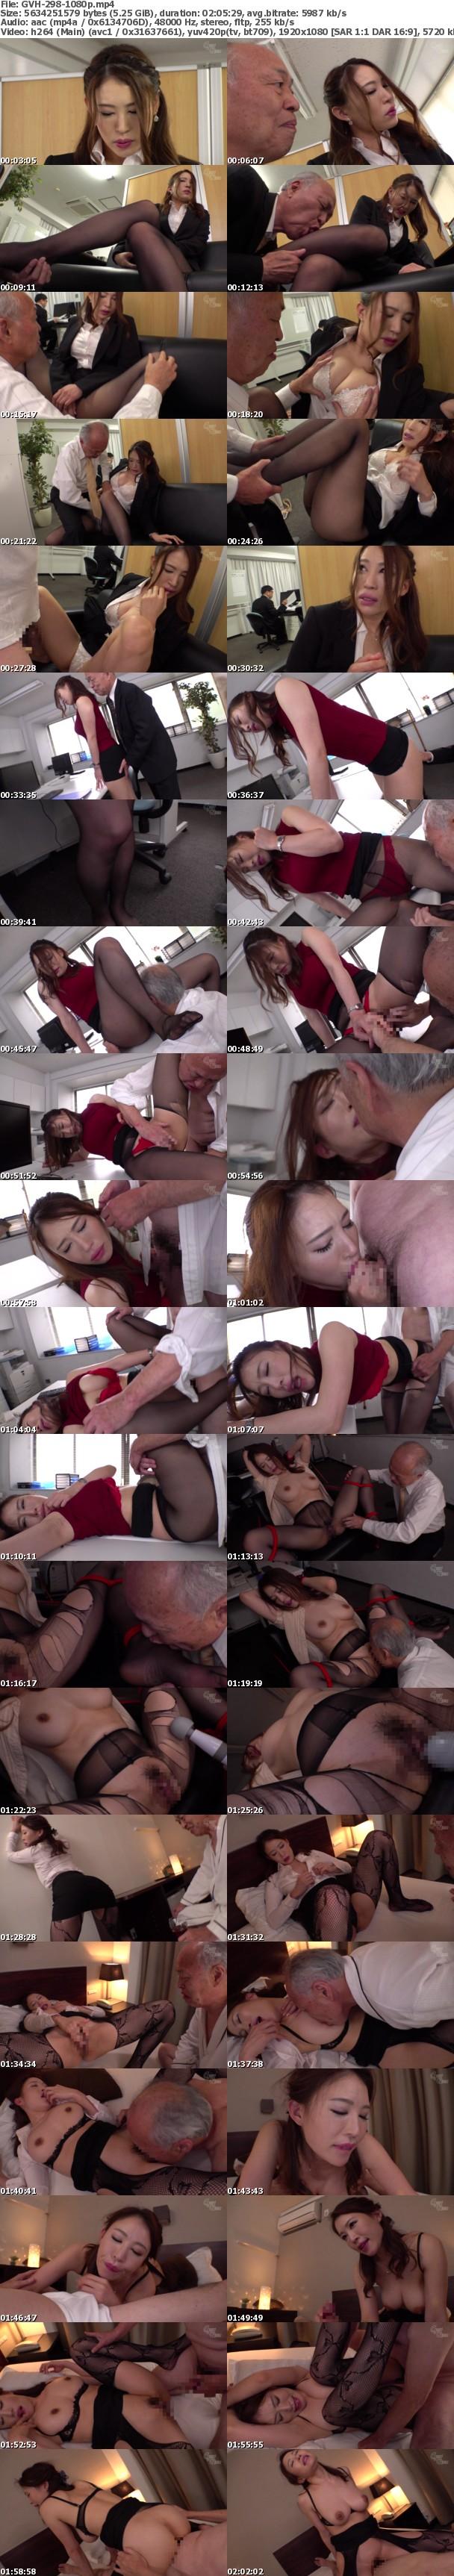 (Full HD) GVH-298 心底嫌いな色ボケじじい社長に粘着セクハラされ続ける美人秘書 凛音とうか